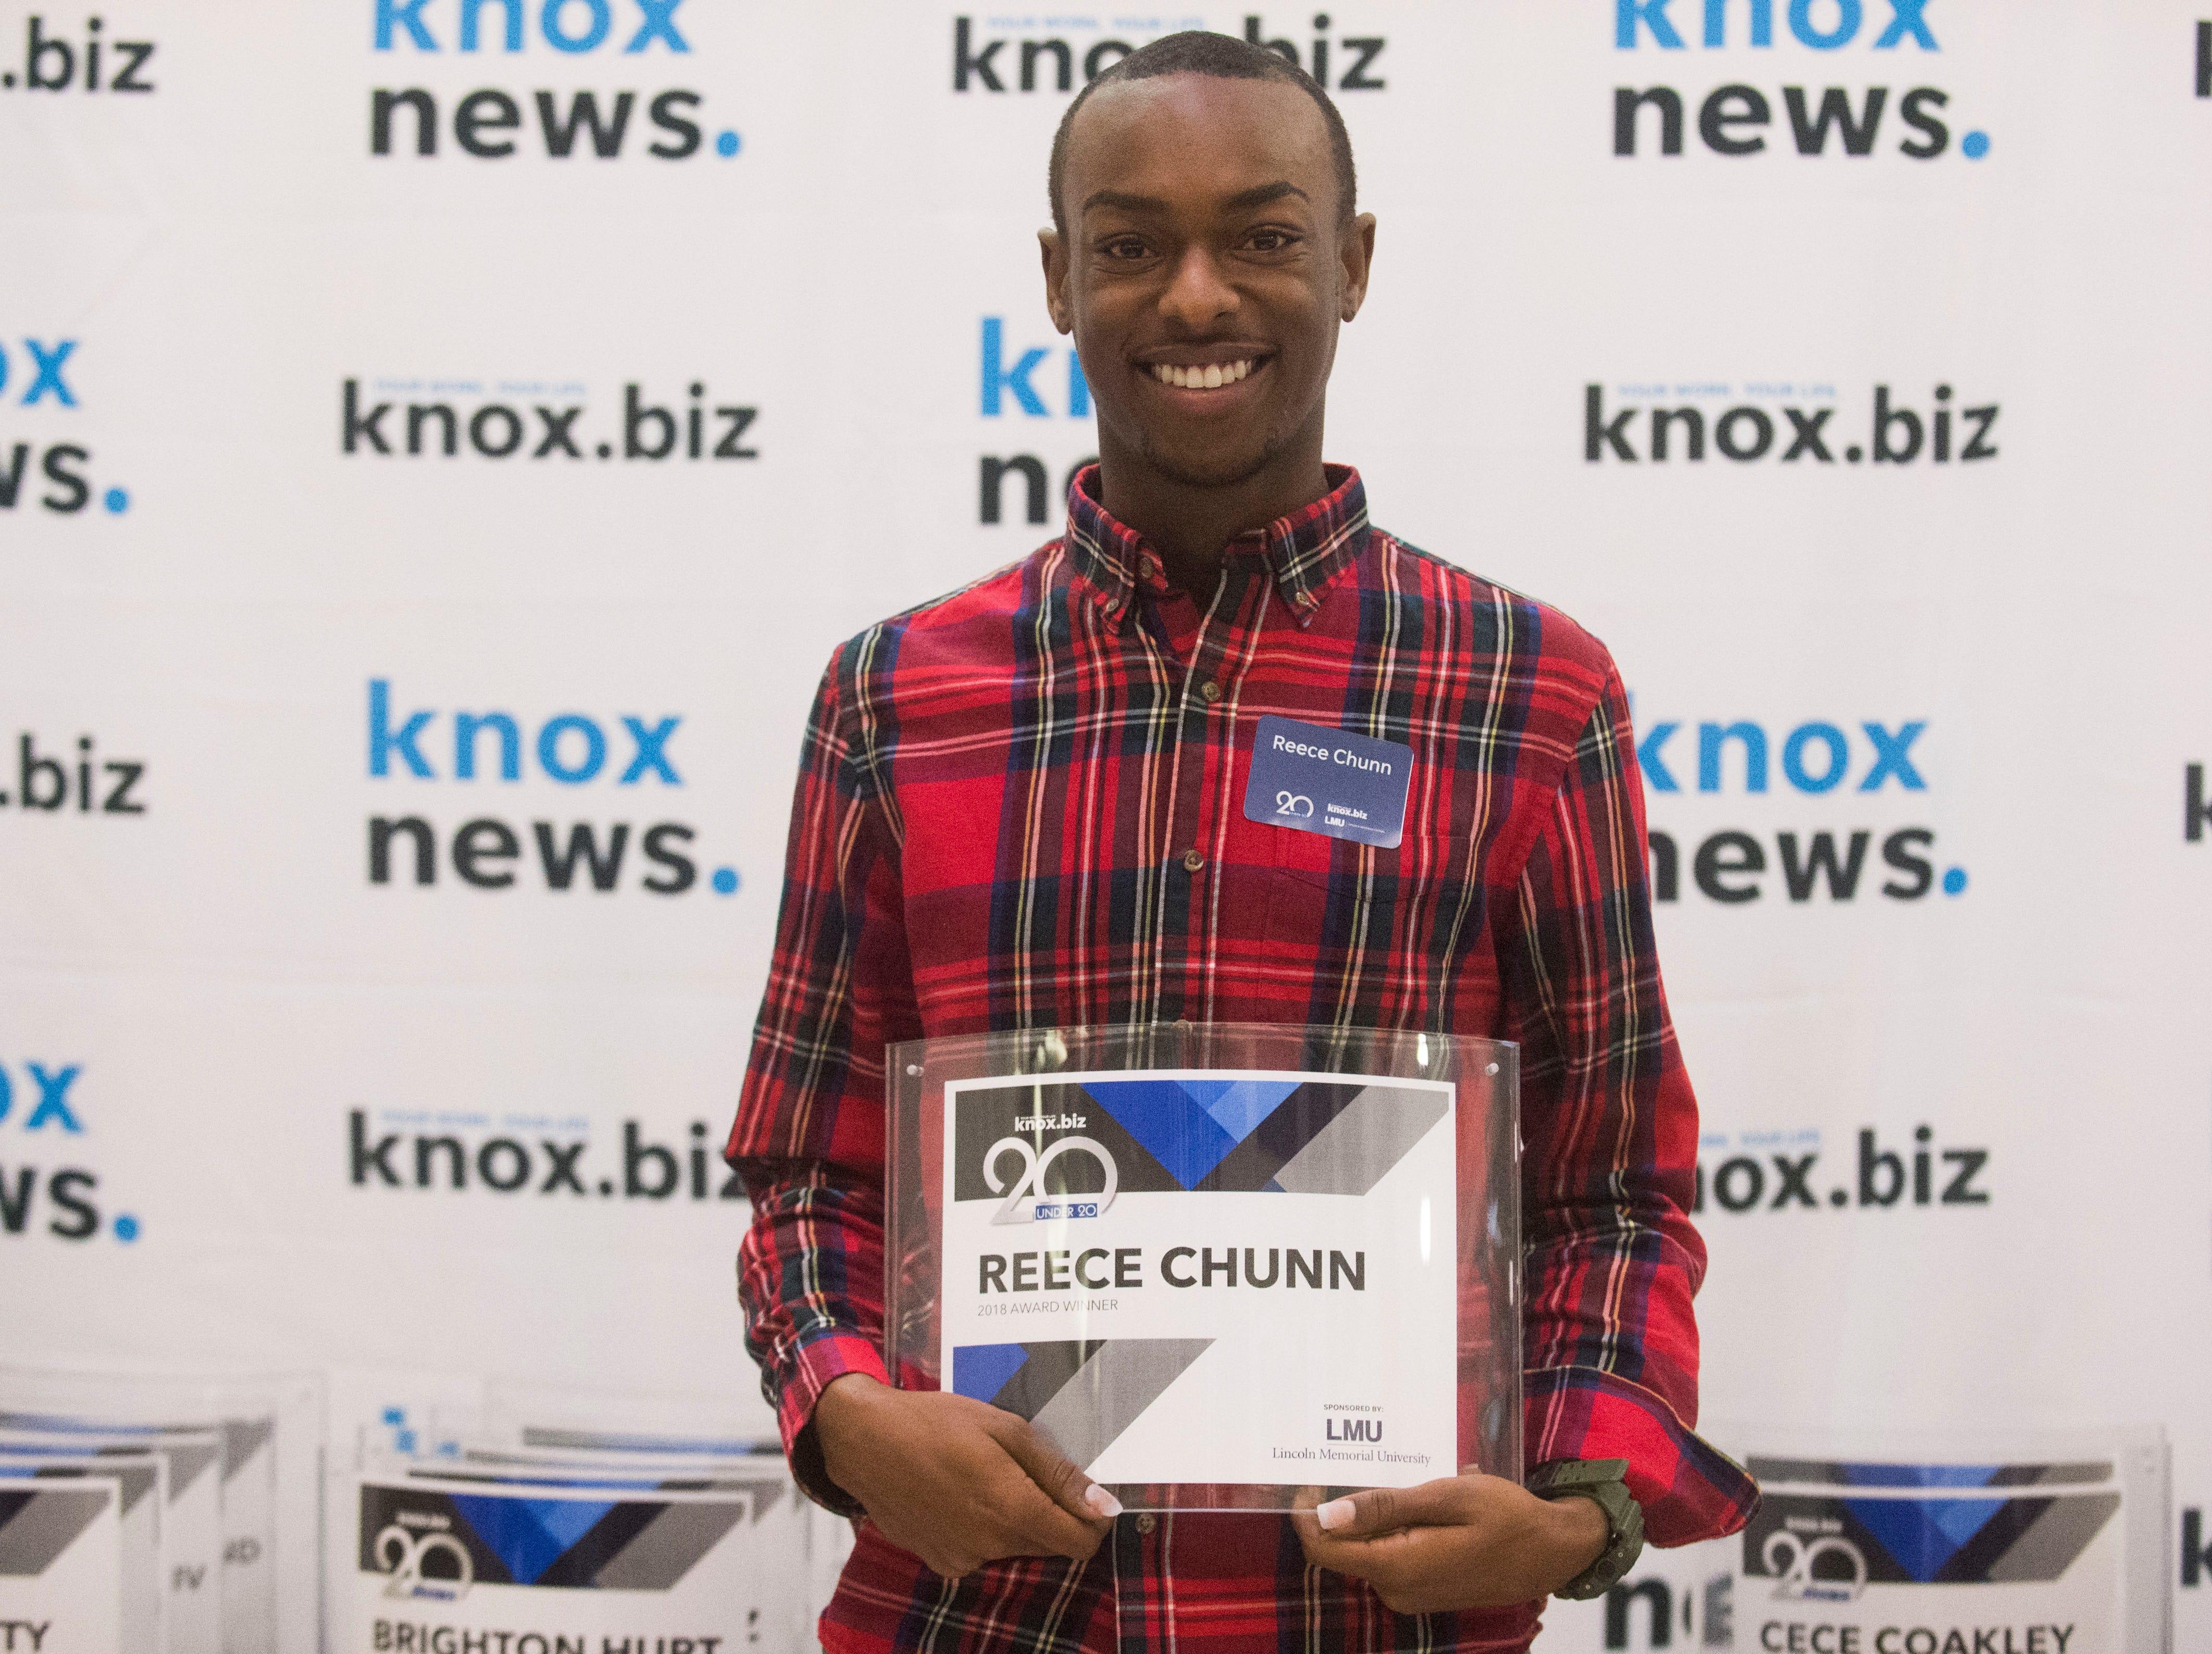 Reece Chunn, 20 under 20 award recipient.